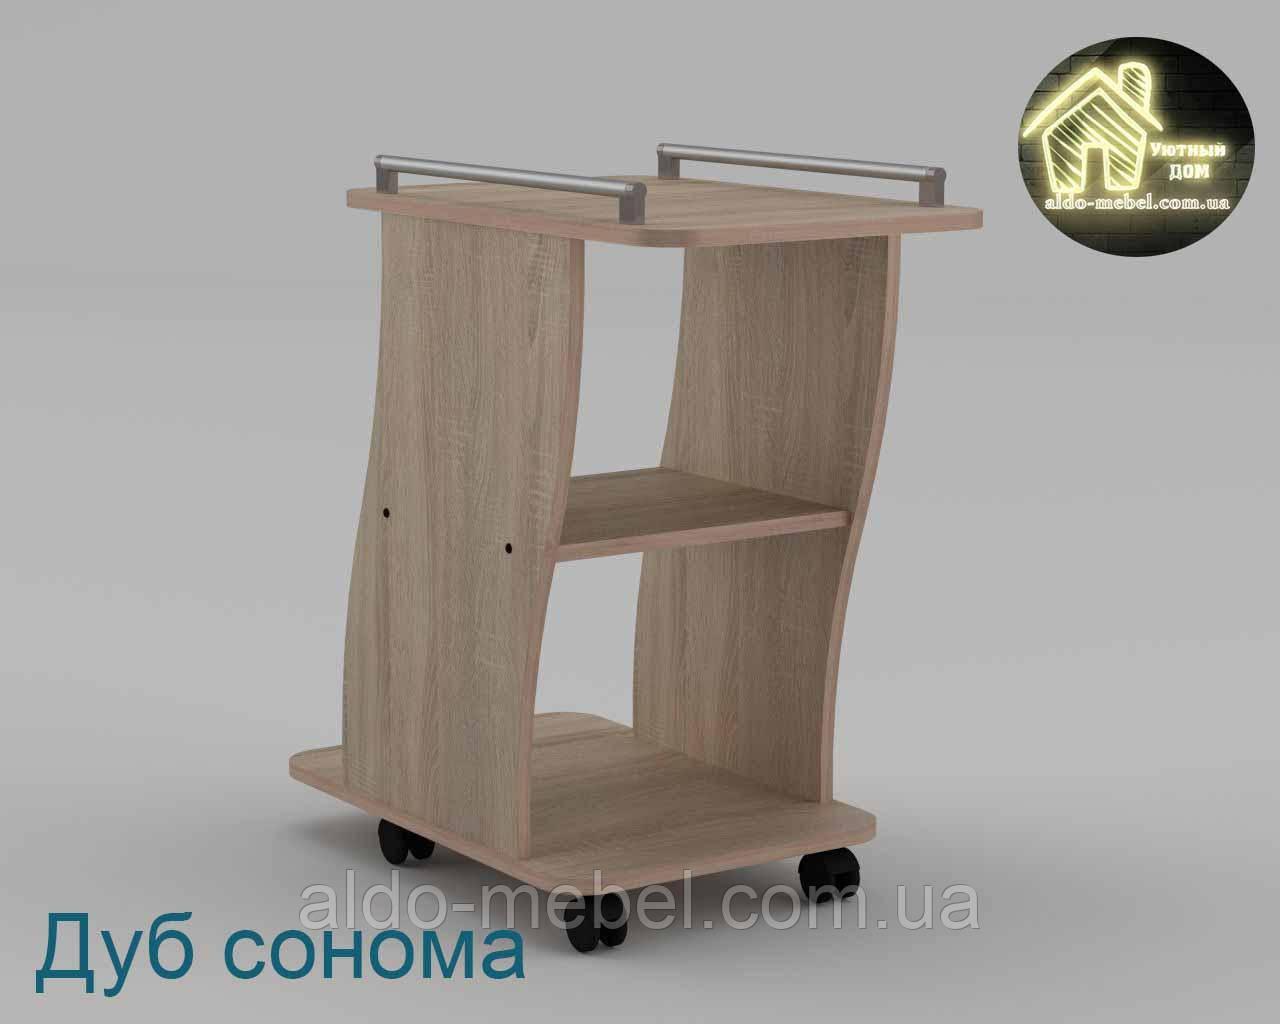 Стол журнальный Вена Габариты Ш - 750 мм; В - 706 мм; Г - 400 мм (Компанит)